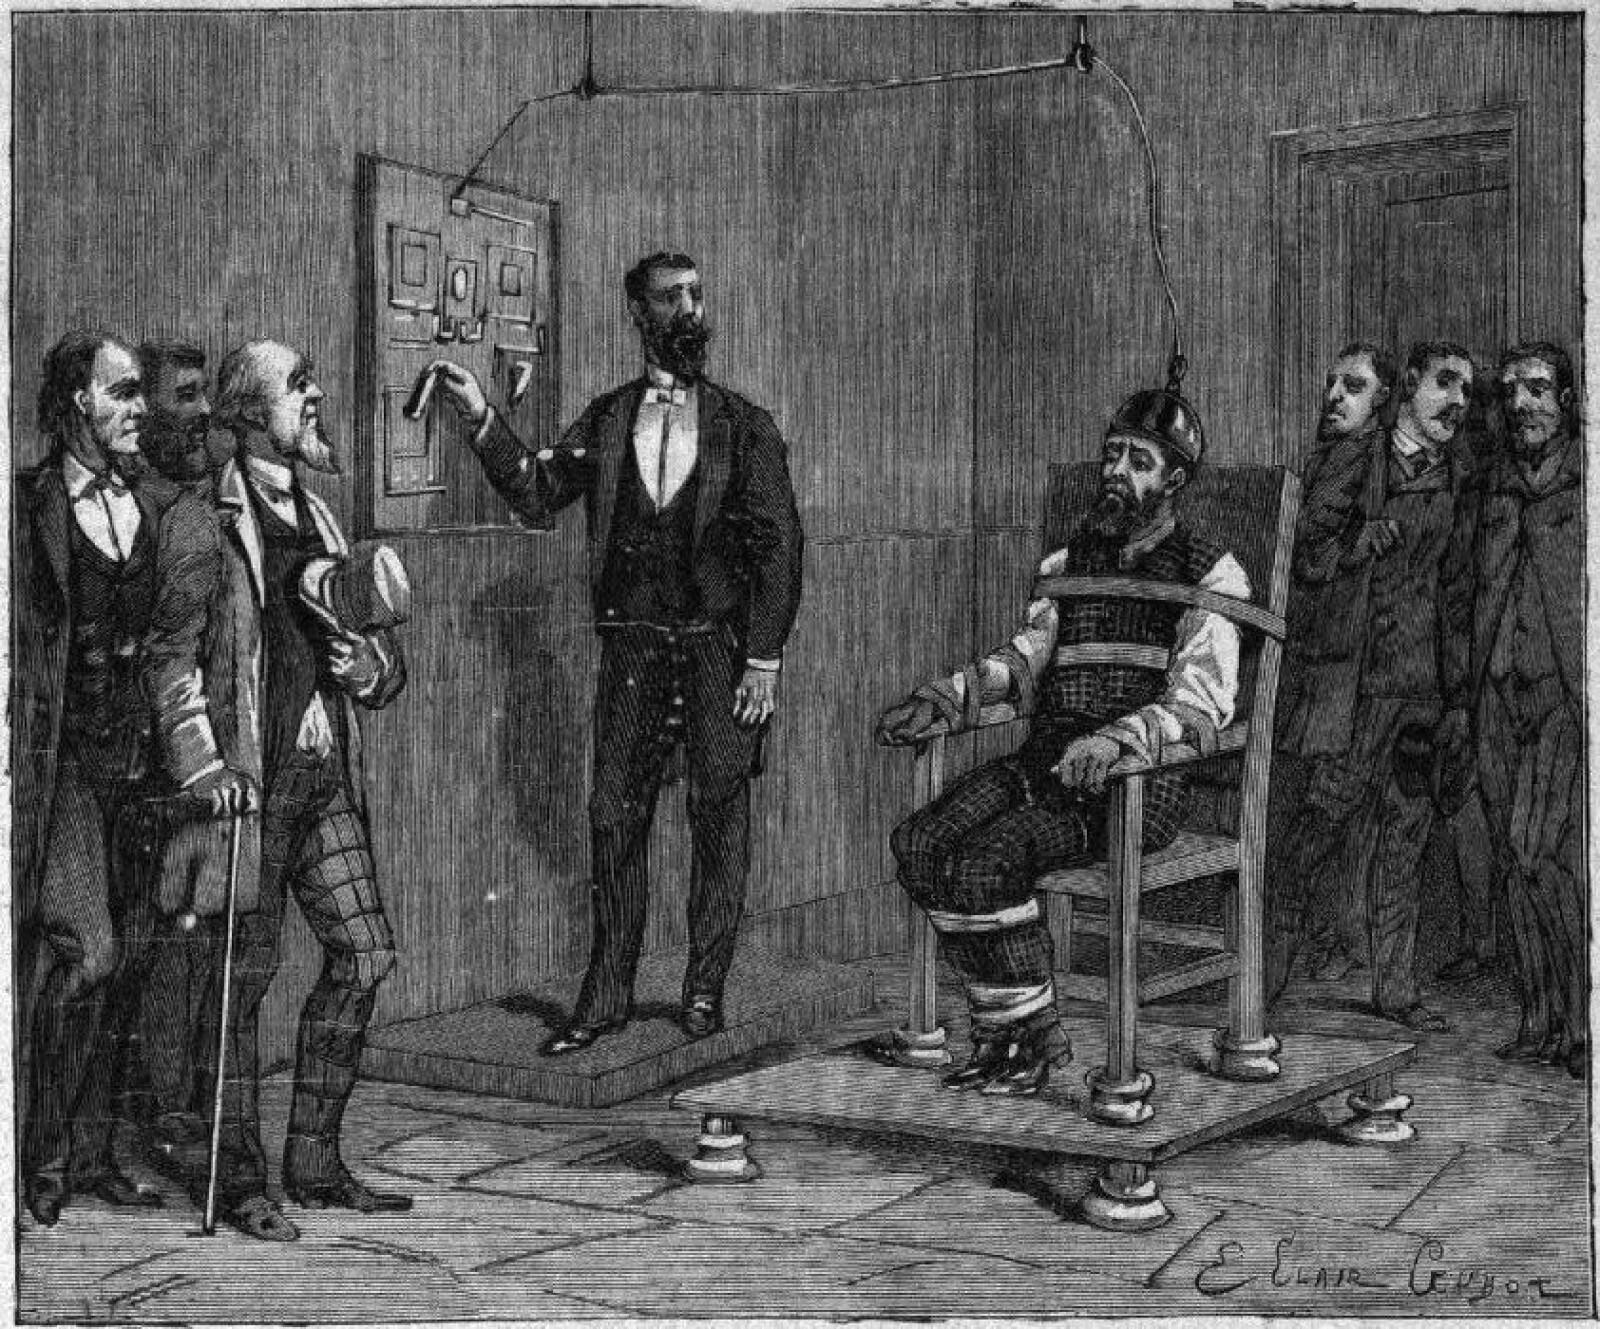 <b>FØRSTE HENRETTELSE:</b> Illustrasjonen viser den aller første gangen den elektriske stolen ble tatt i bruk ved dødsstraff. Den dødsdømte het William Kemmler, stedet var Auburn fengsel i delstaten New York, datoen var 6. august 1890.